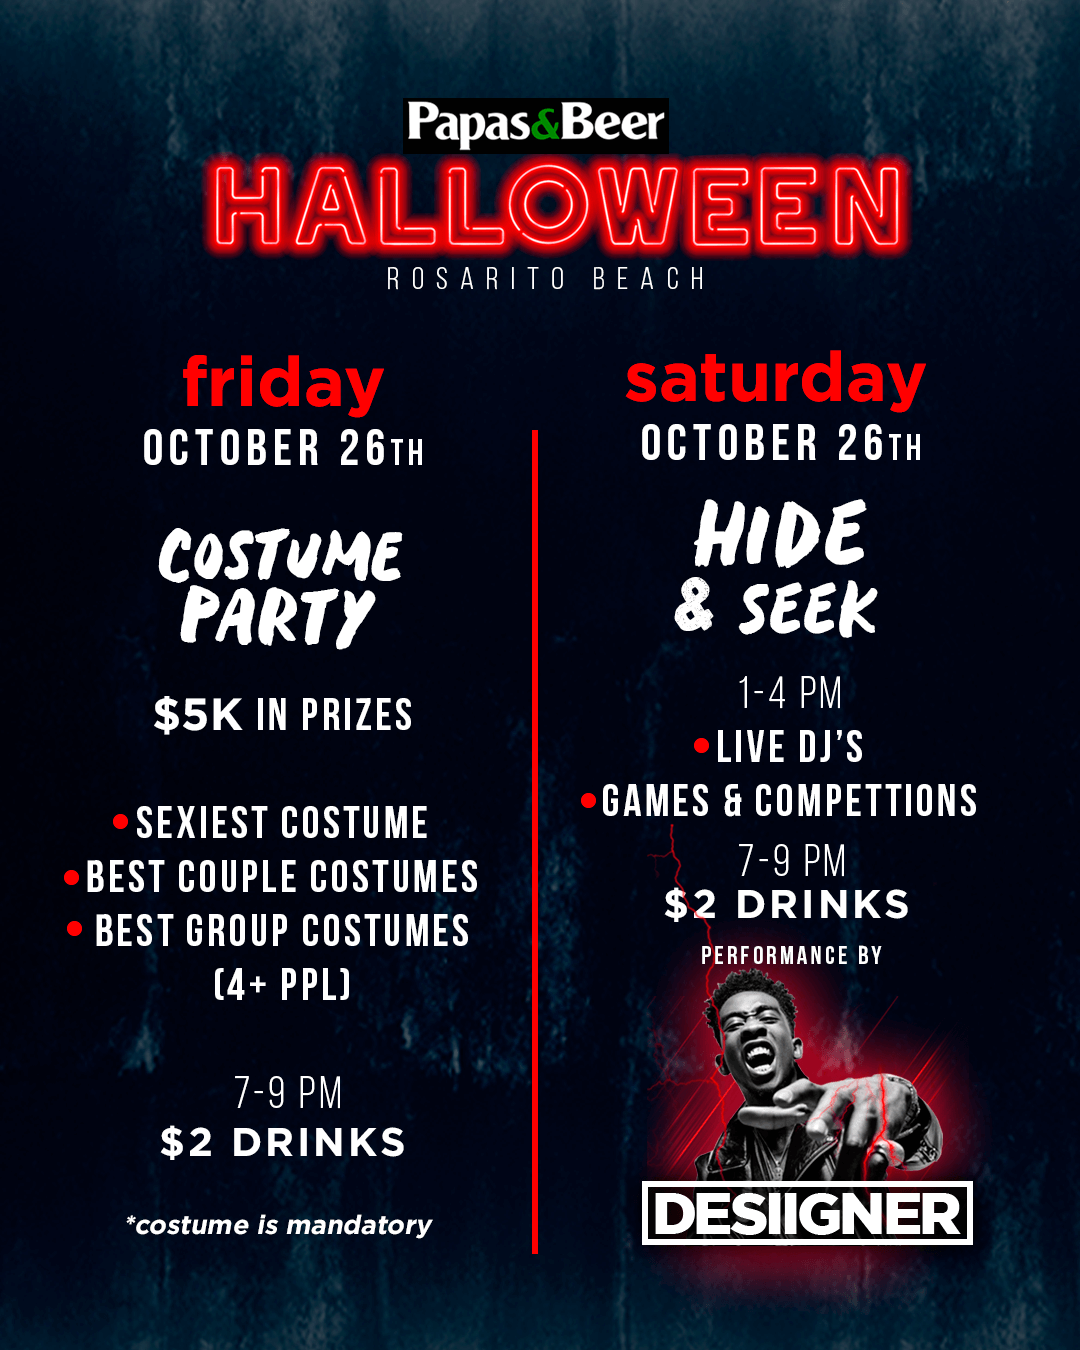 halloween schedule